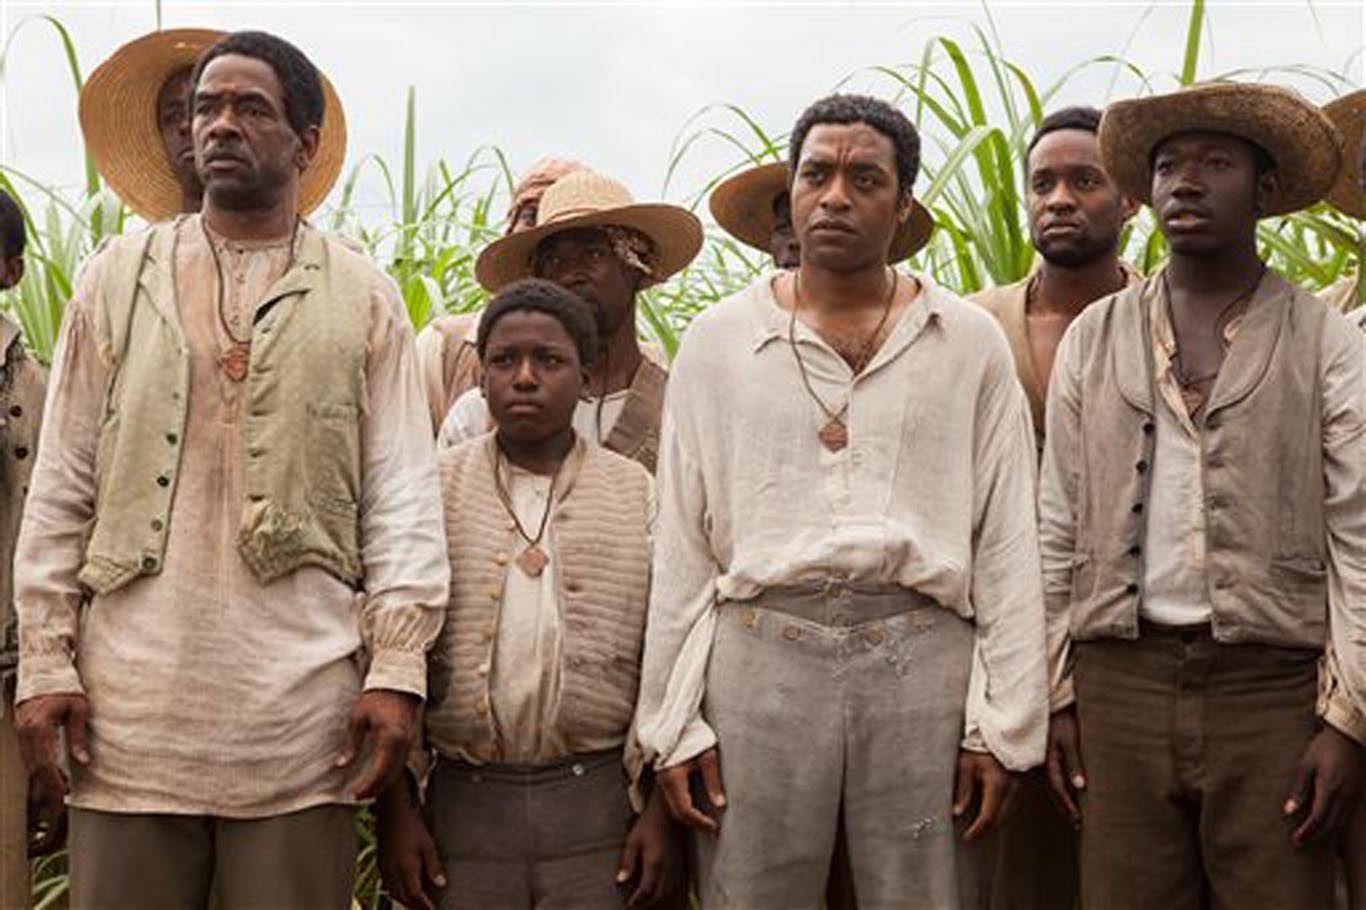 8 Film Terbaik 'Based From True Story' yang Bisa Menginspirasimu